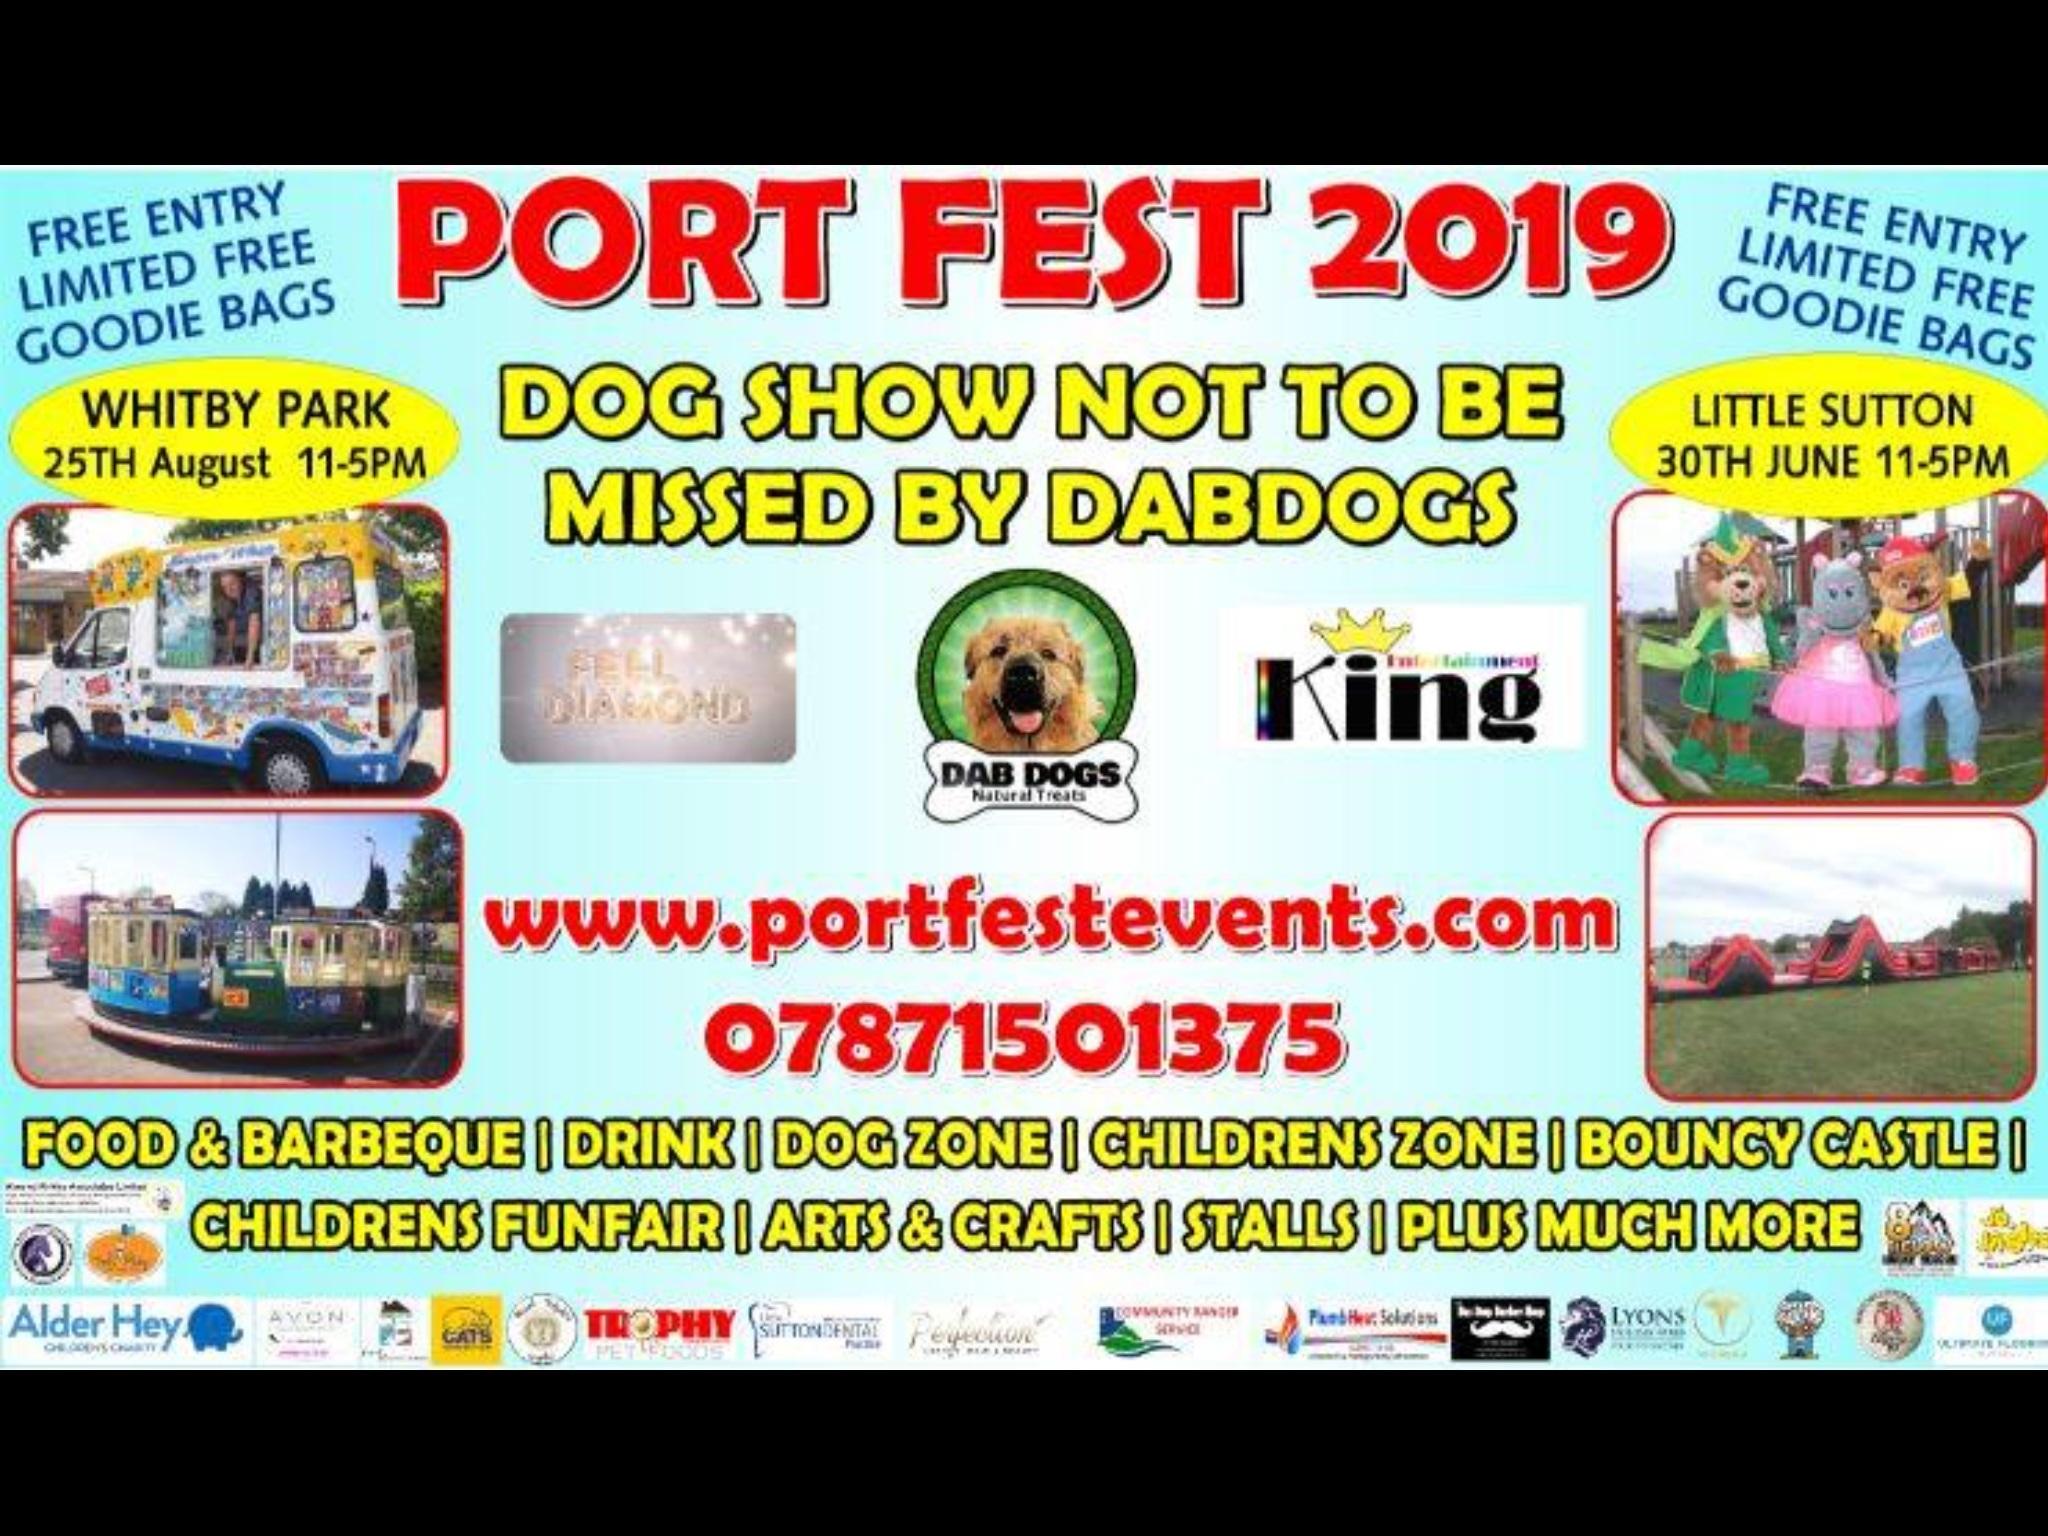 Feast of fun this weekend in Ellesmere Port communities